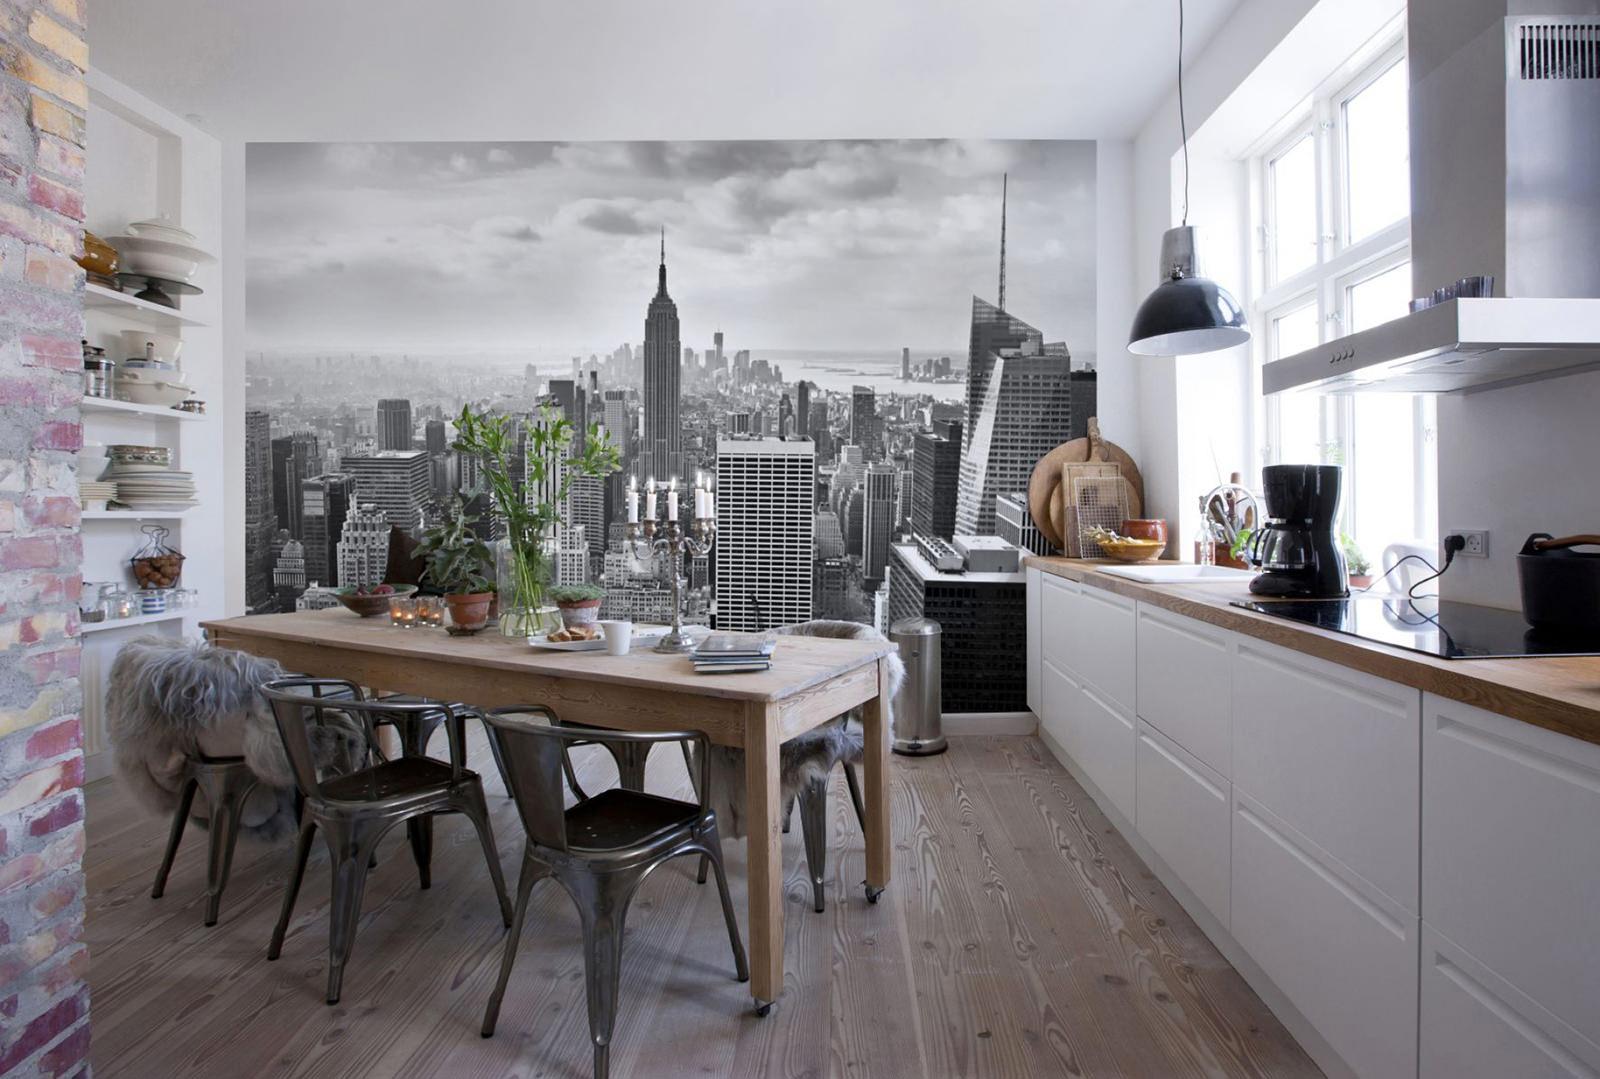 белая кухня с фотообоями и крашеным потолком